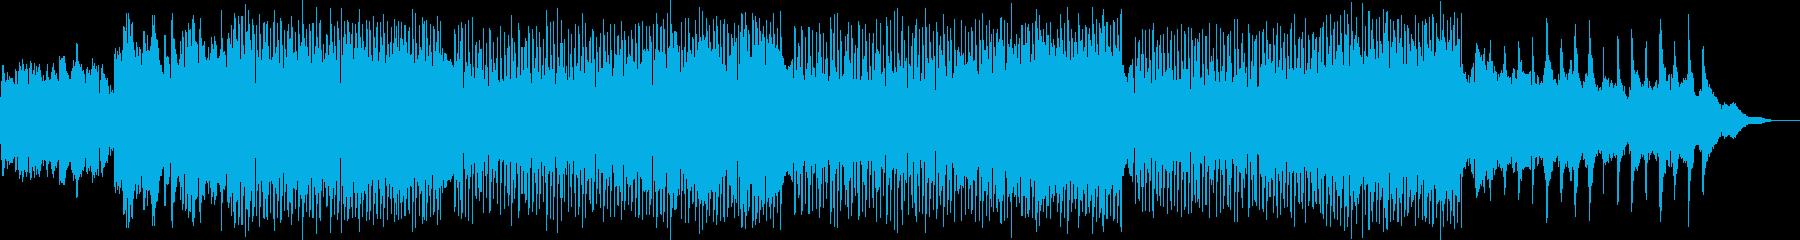 柔らかいシンセサイザーの16ビートの再生済みの波形